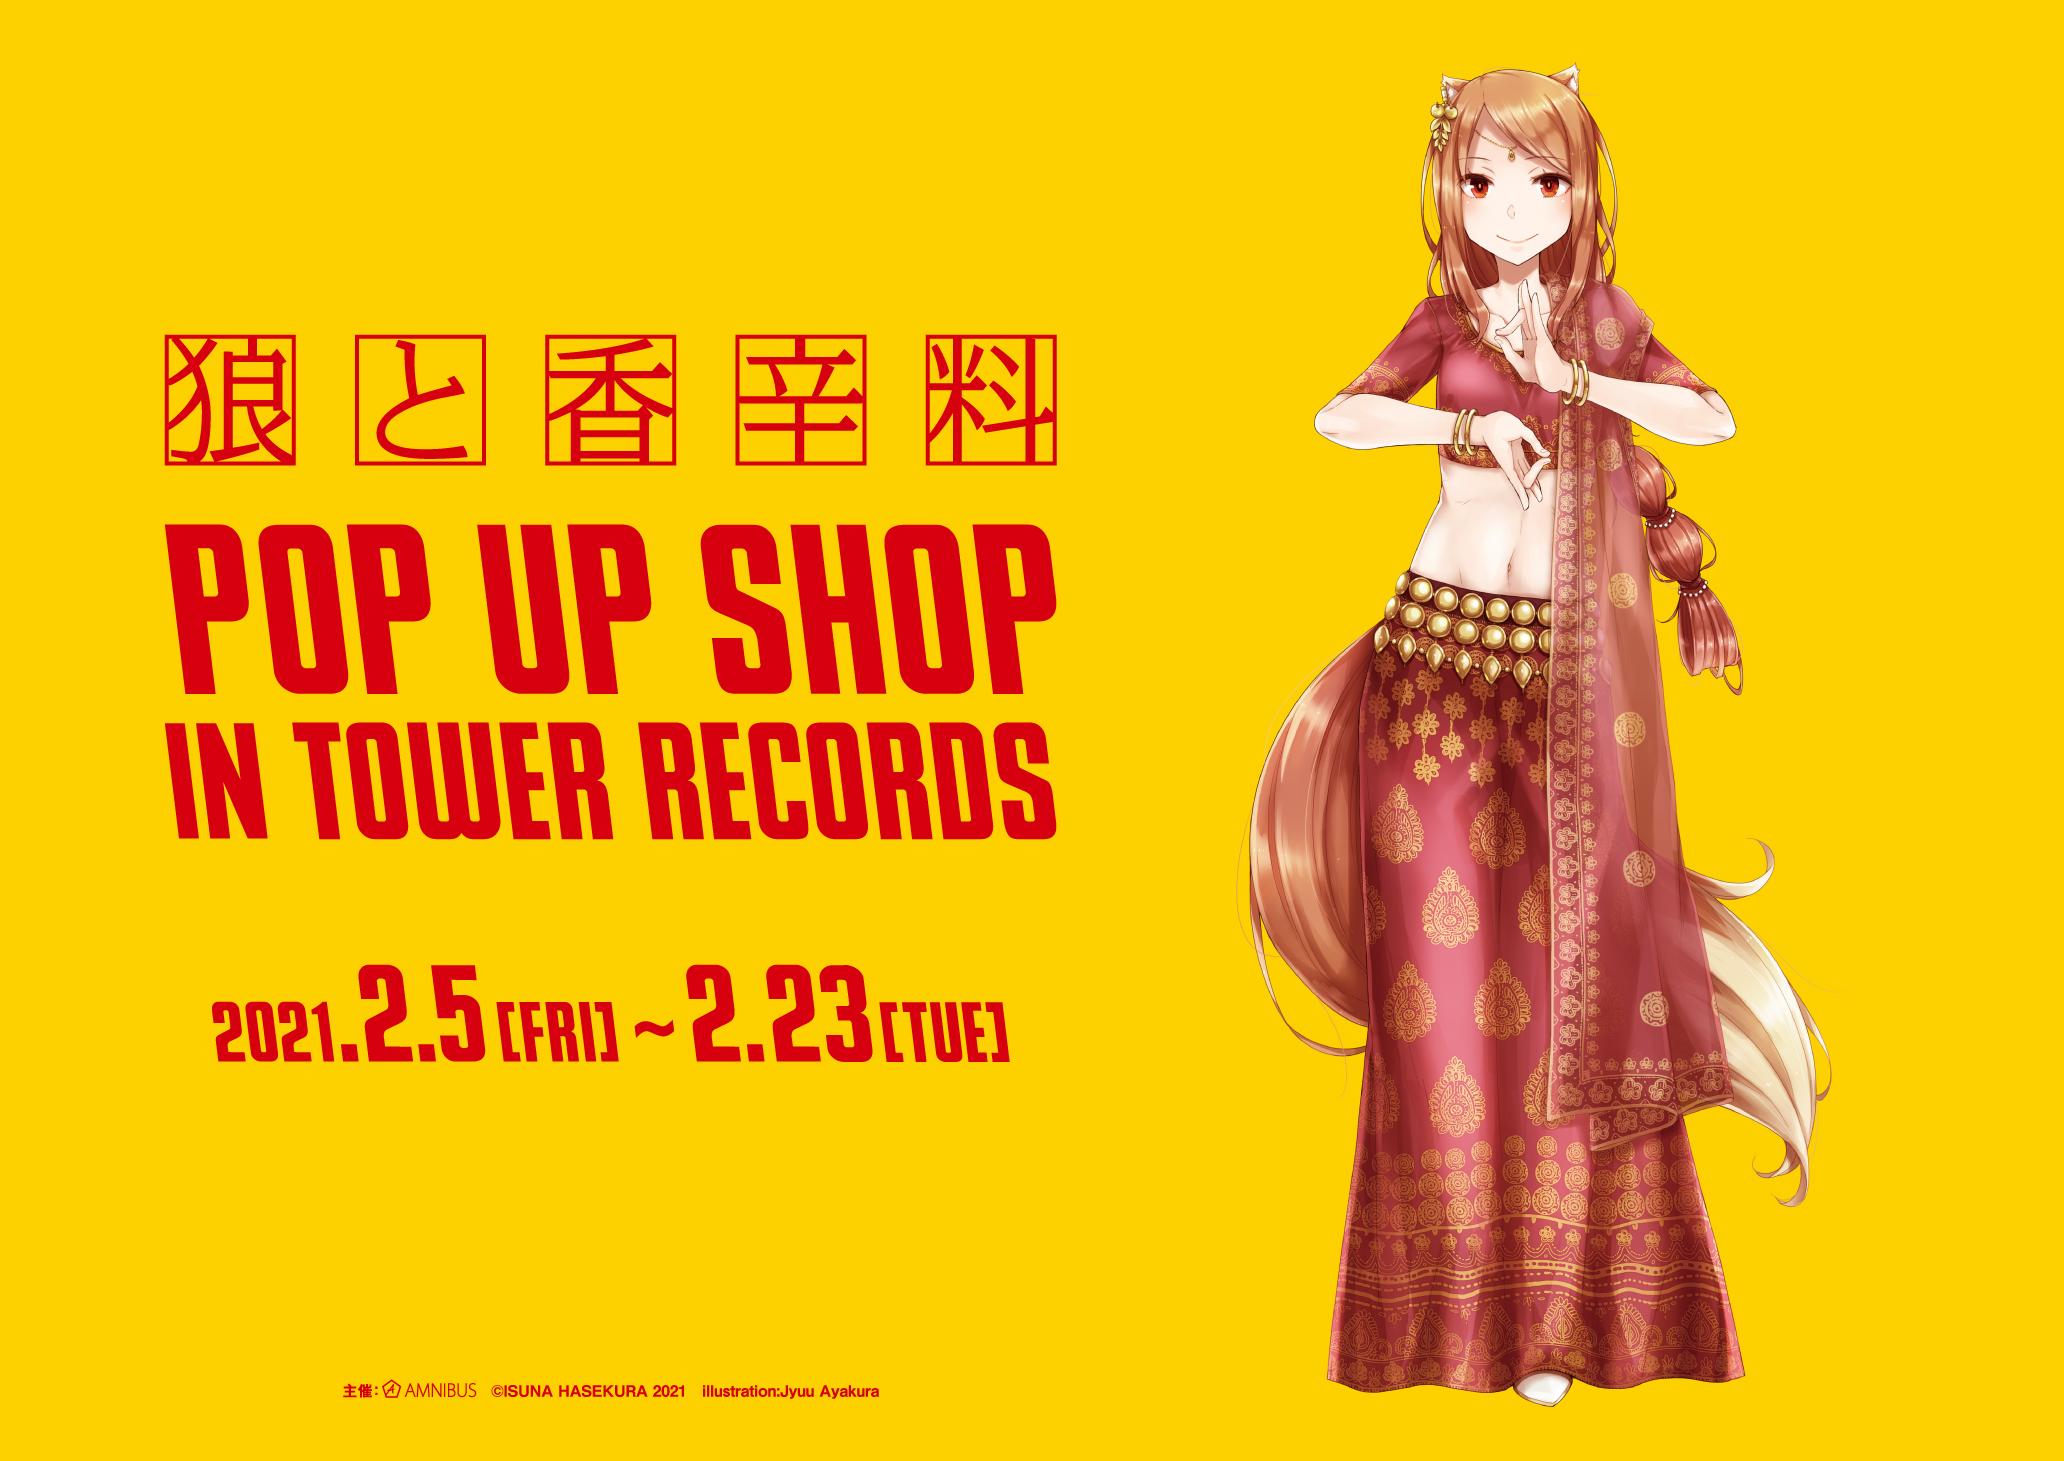 「狼と香辛料 POP UP SHOP in TOWER RECORDS」開催決定!渋谷店はじめ8店舗&オンラインにて描き下ろしイラストグッズを先行販売